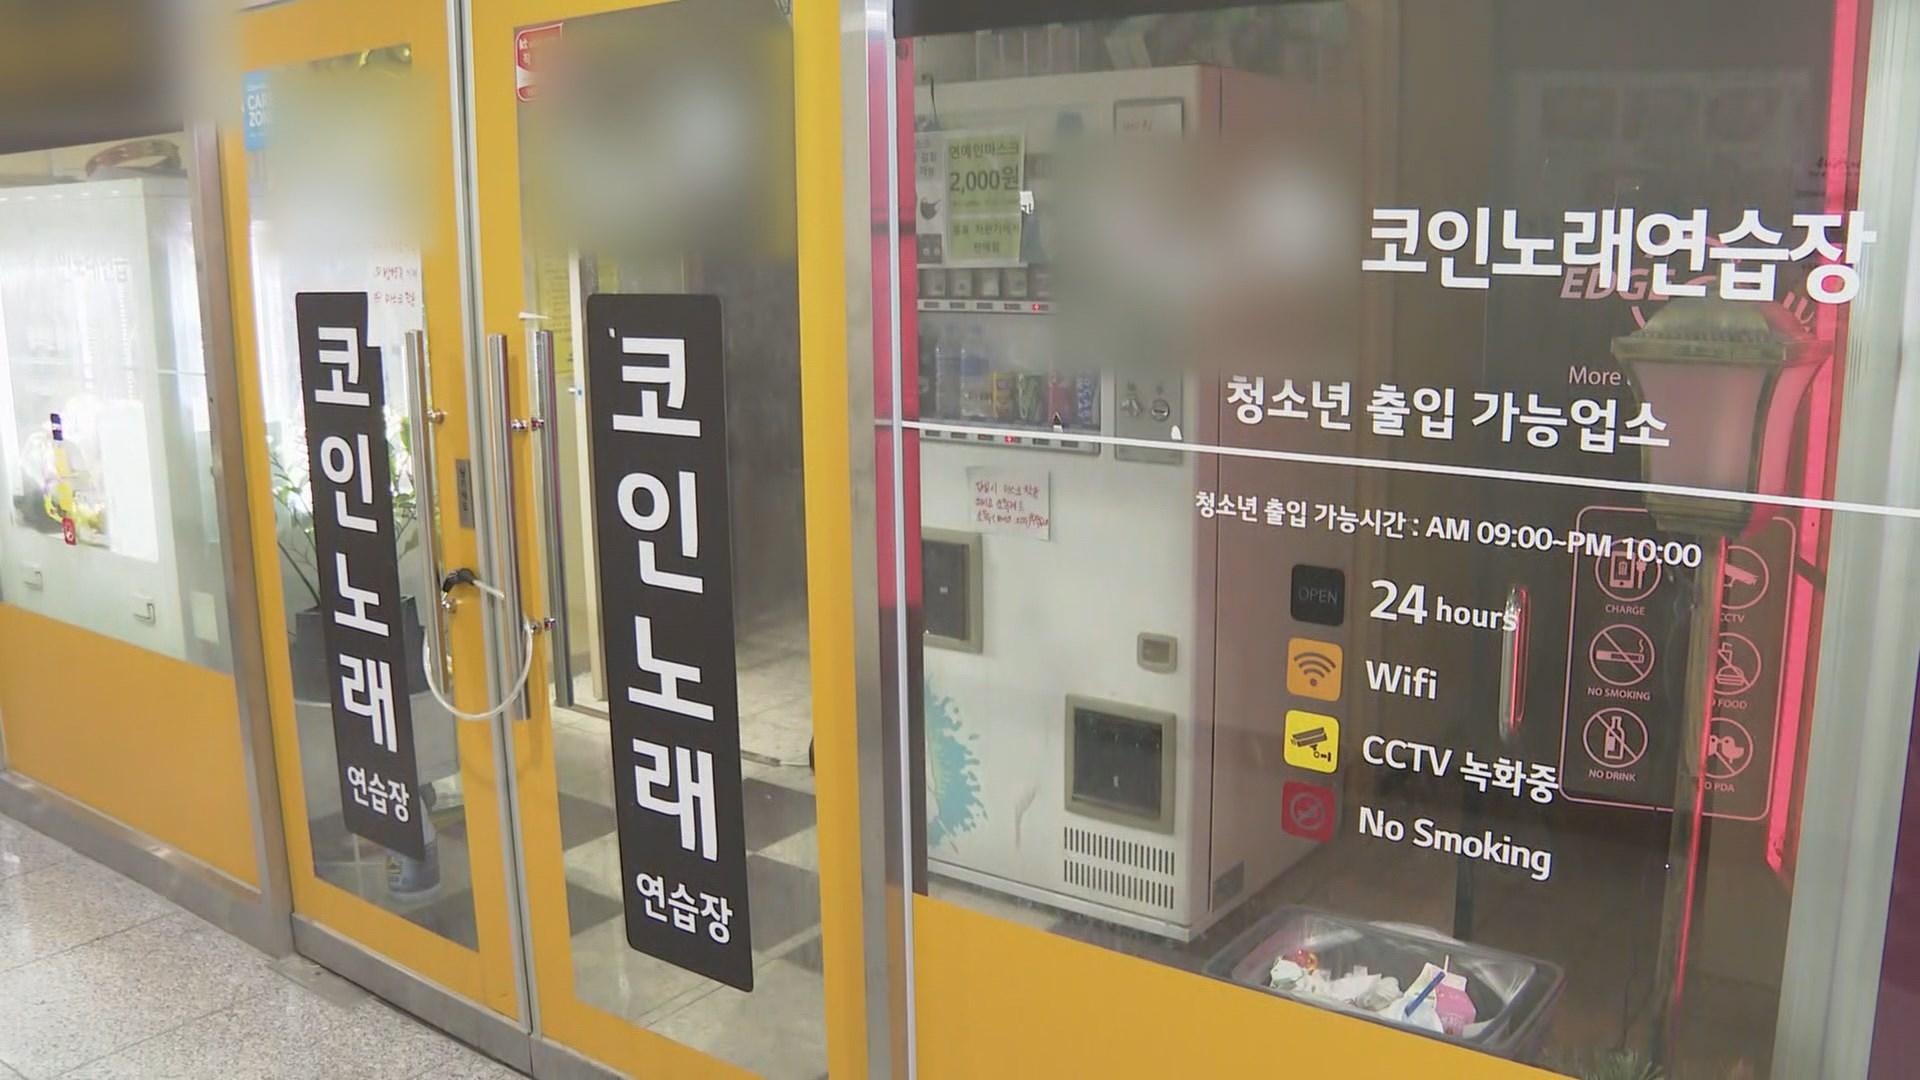 인천, 다중이용시설 집합금지 연장…조건부 해제 방침도